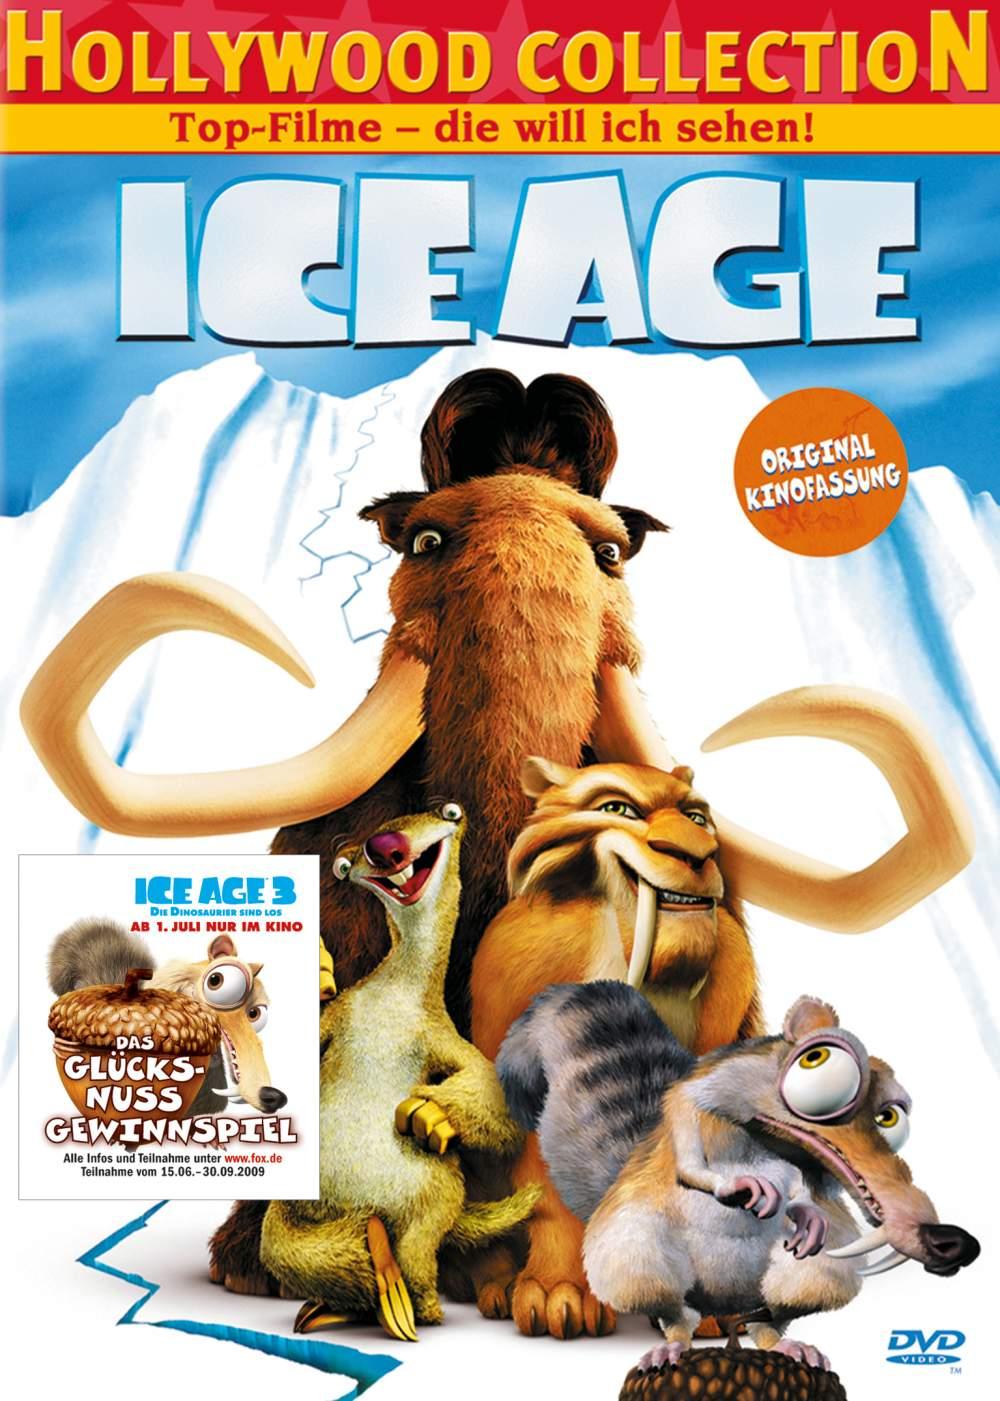 Ice Age - Film